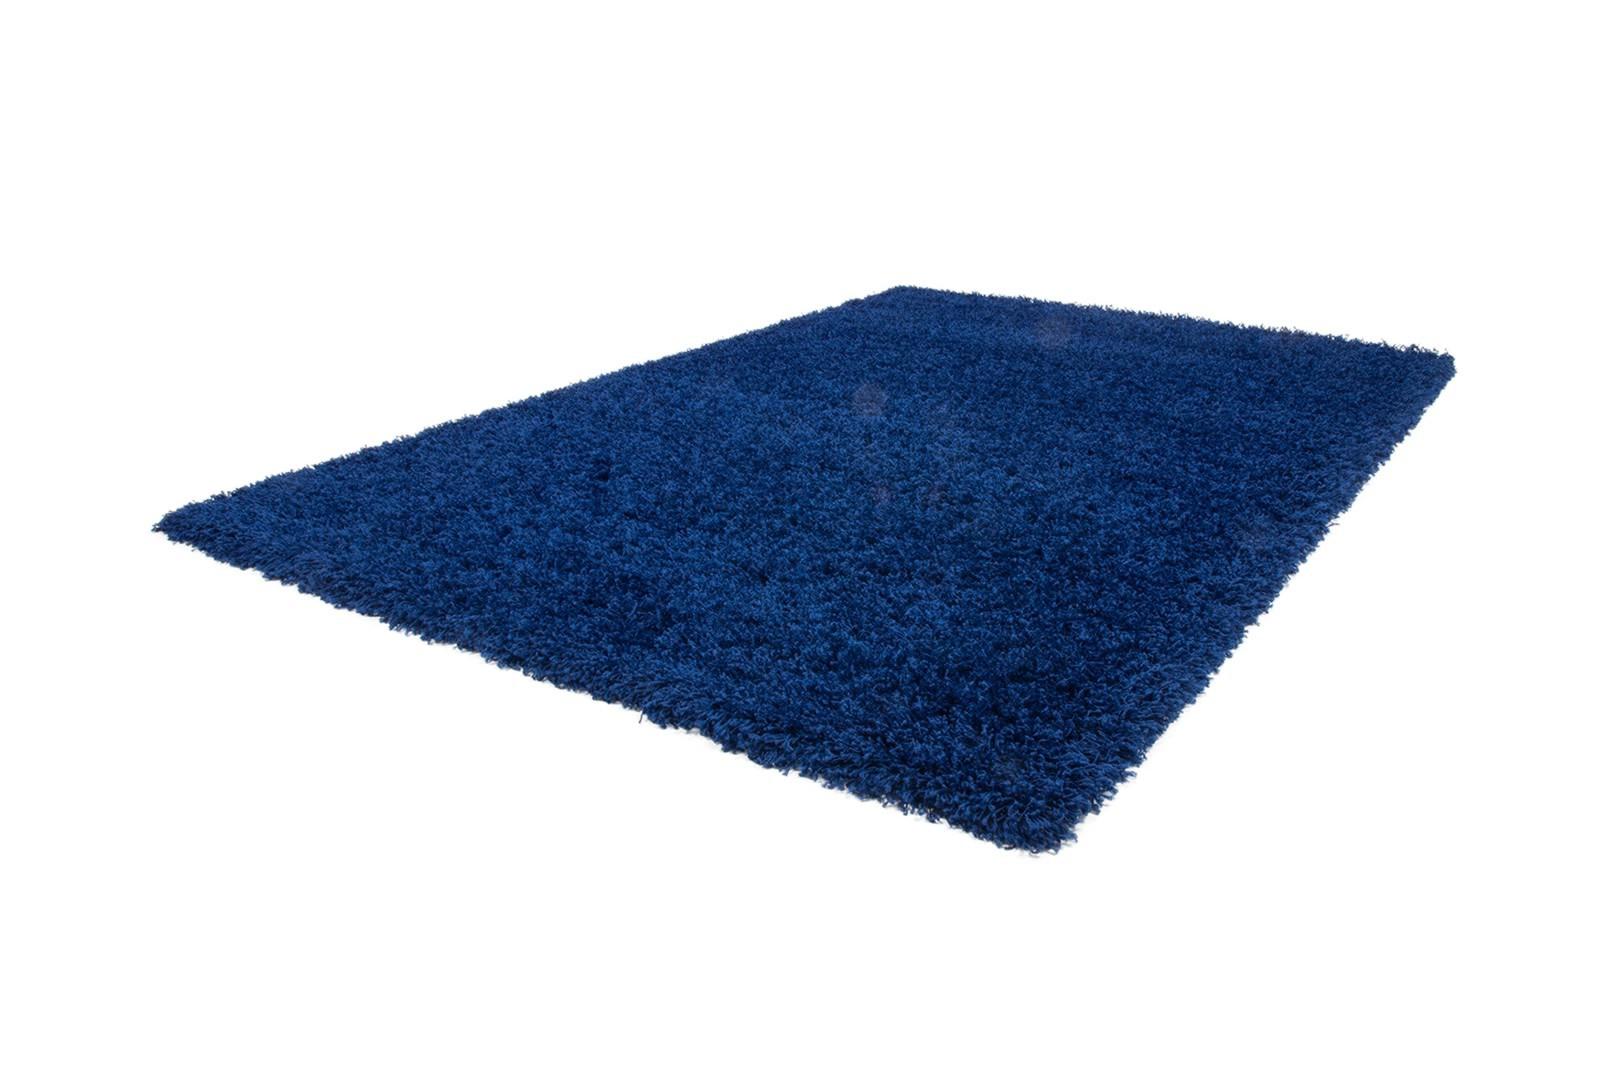 Tapis de chambre uni en polypropylène bleu Hollywood